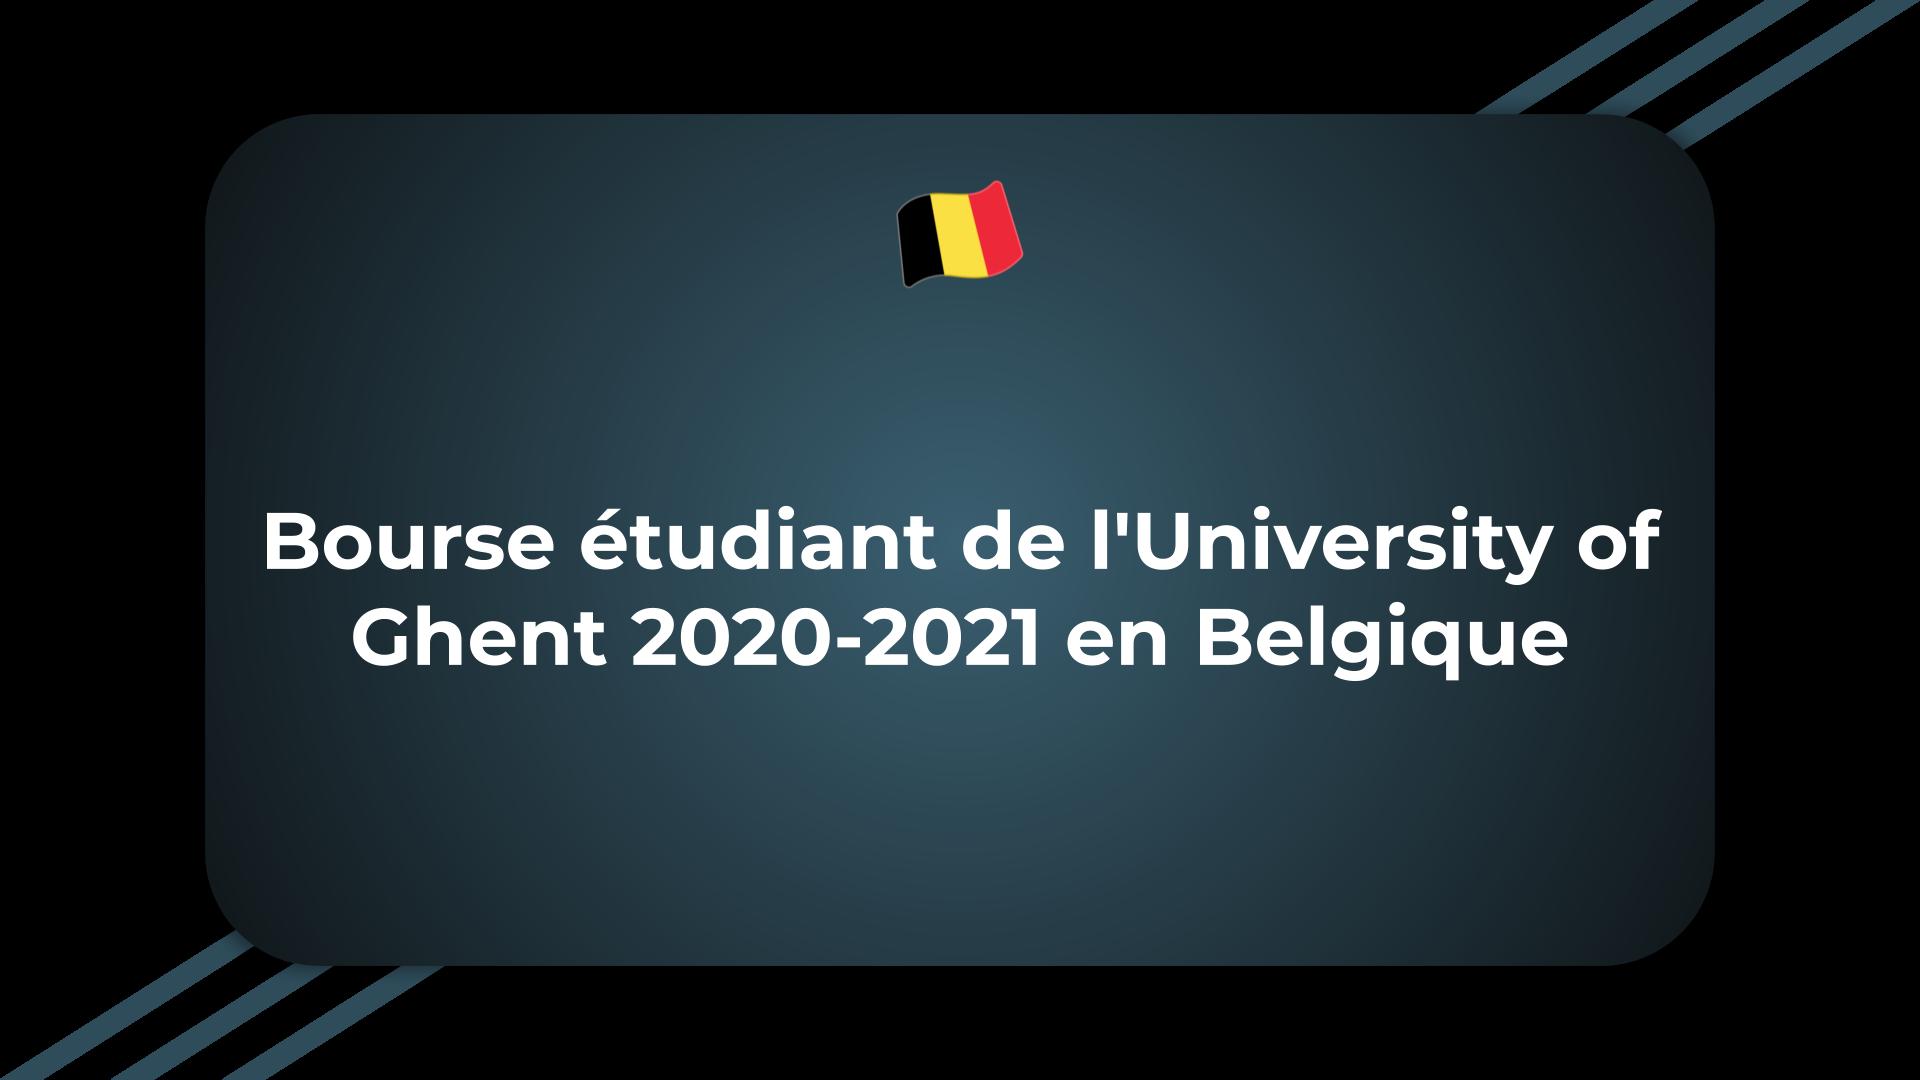 Bourse étudiant de l'University of Ghent